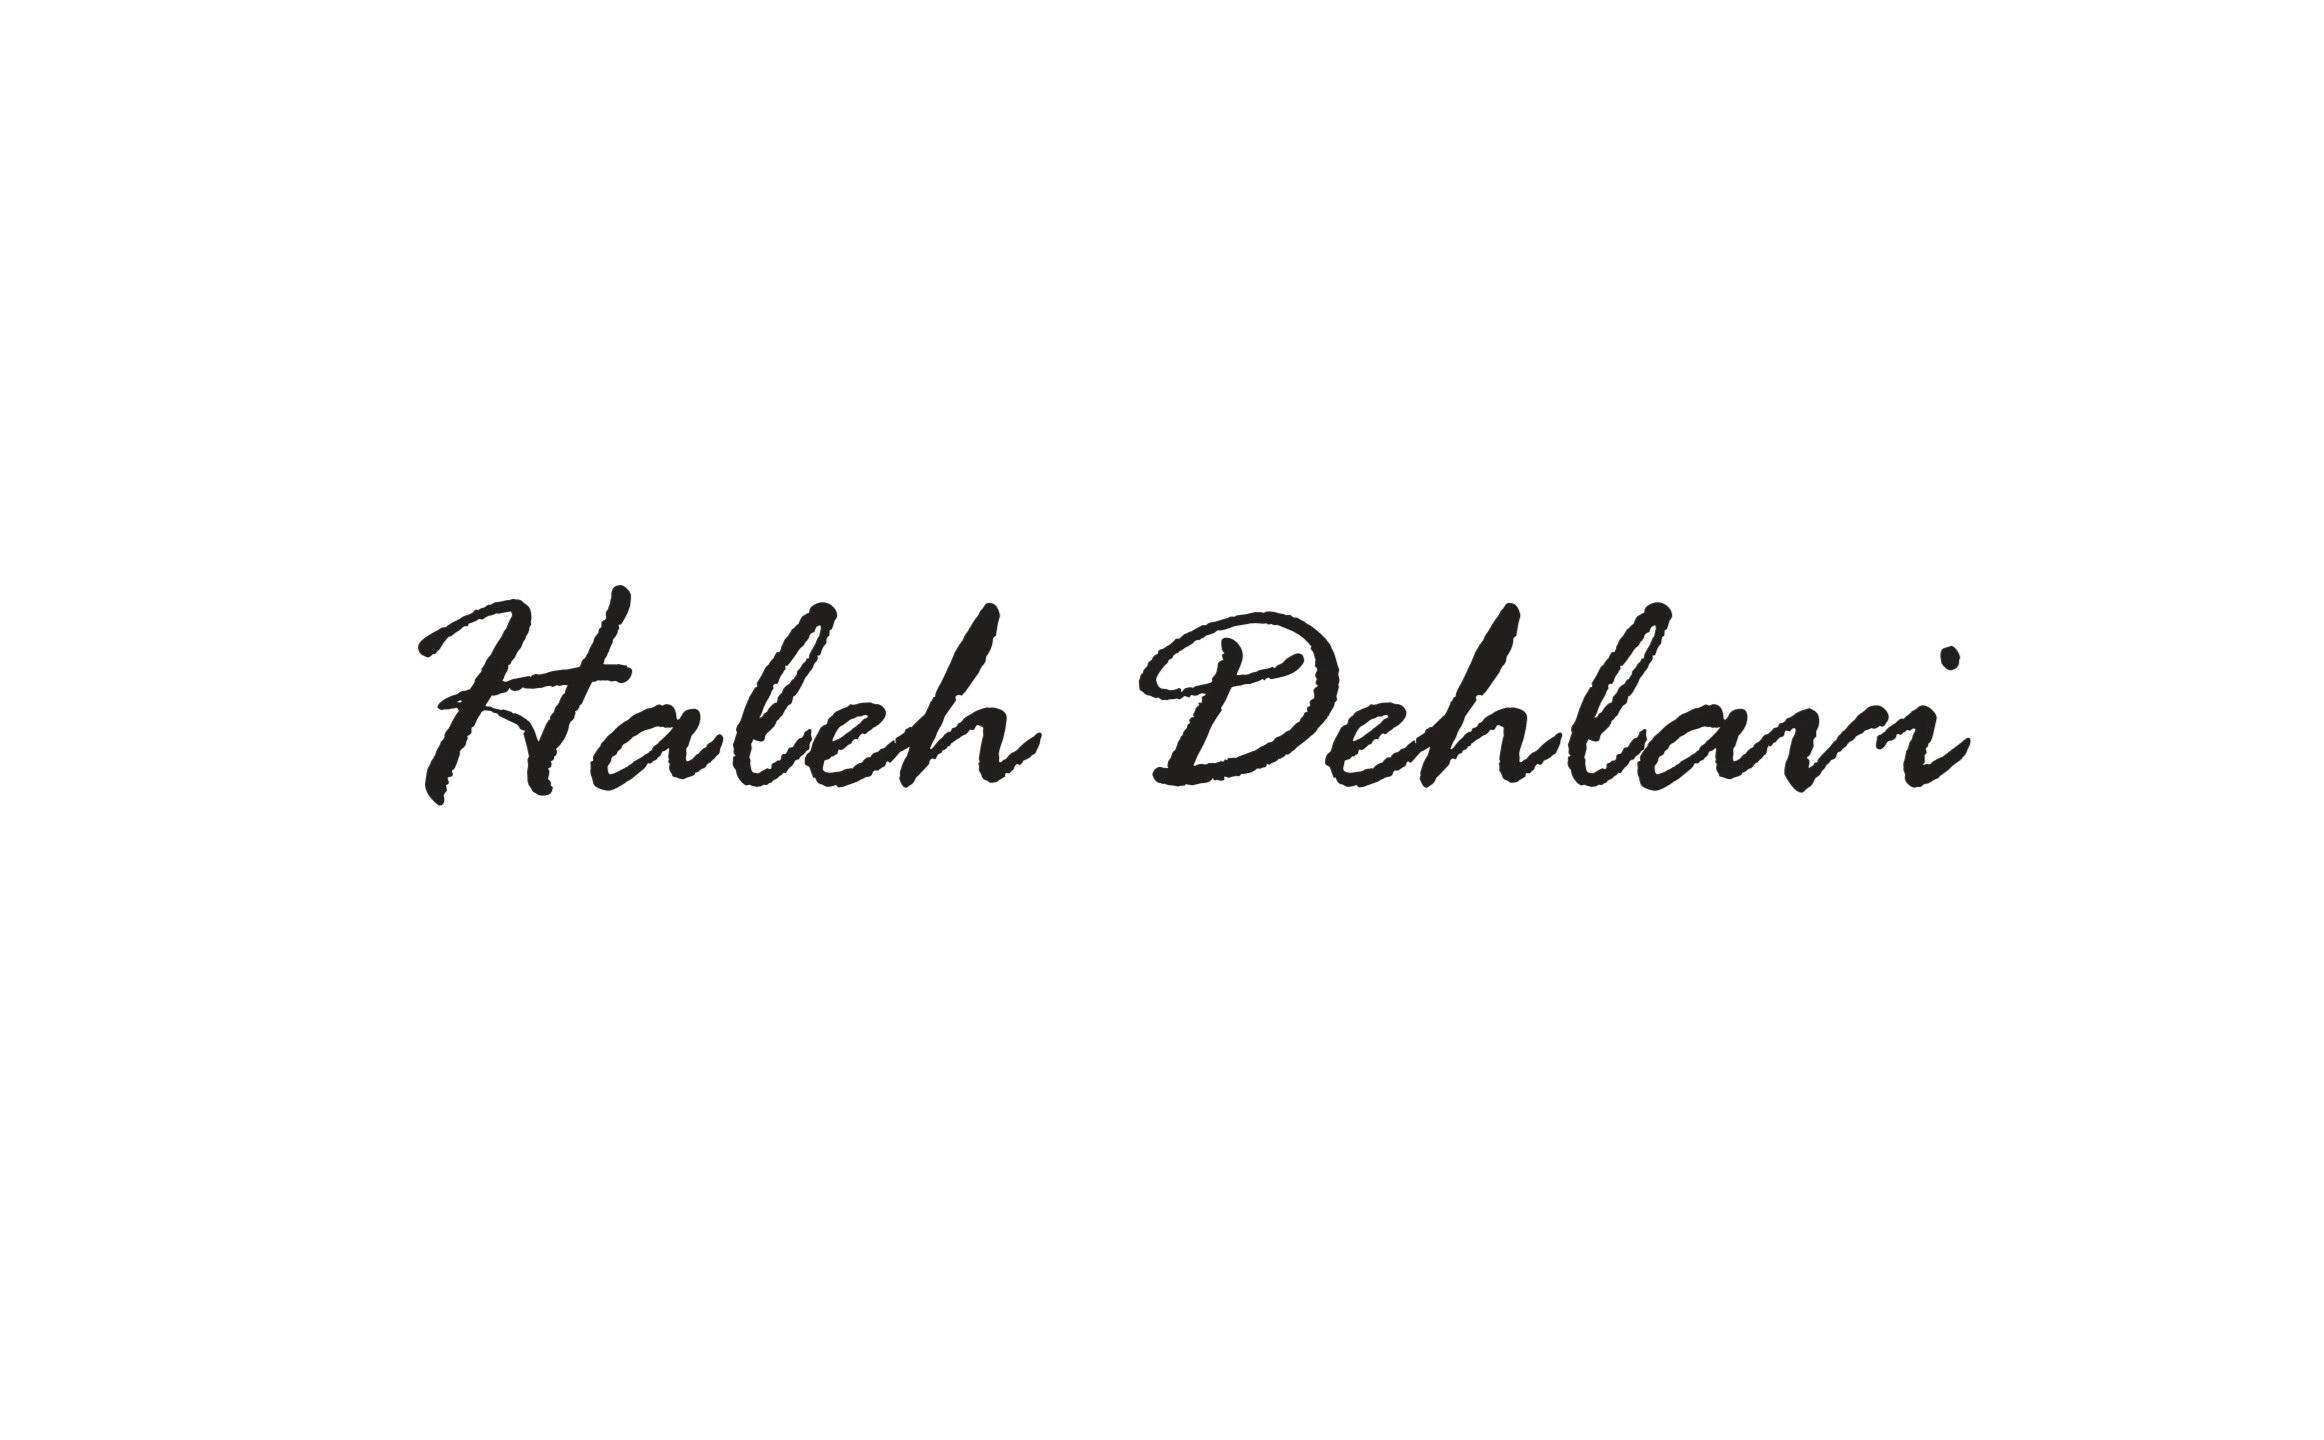 Haleh Dehlavi Signature